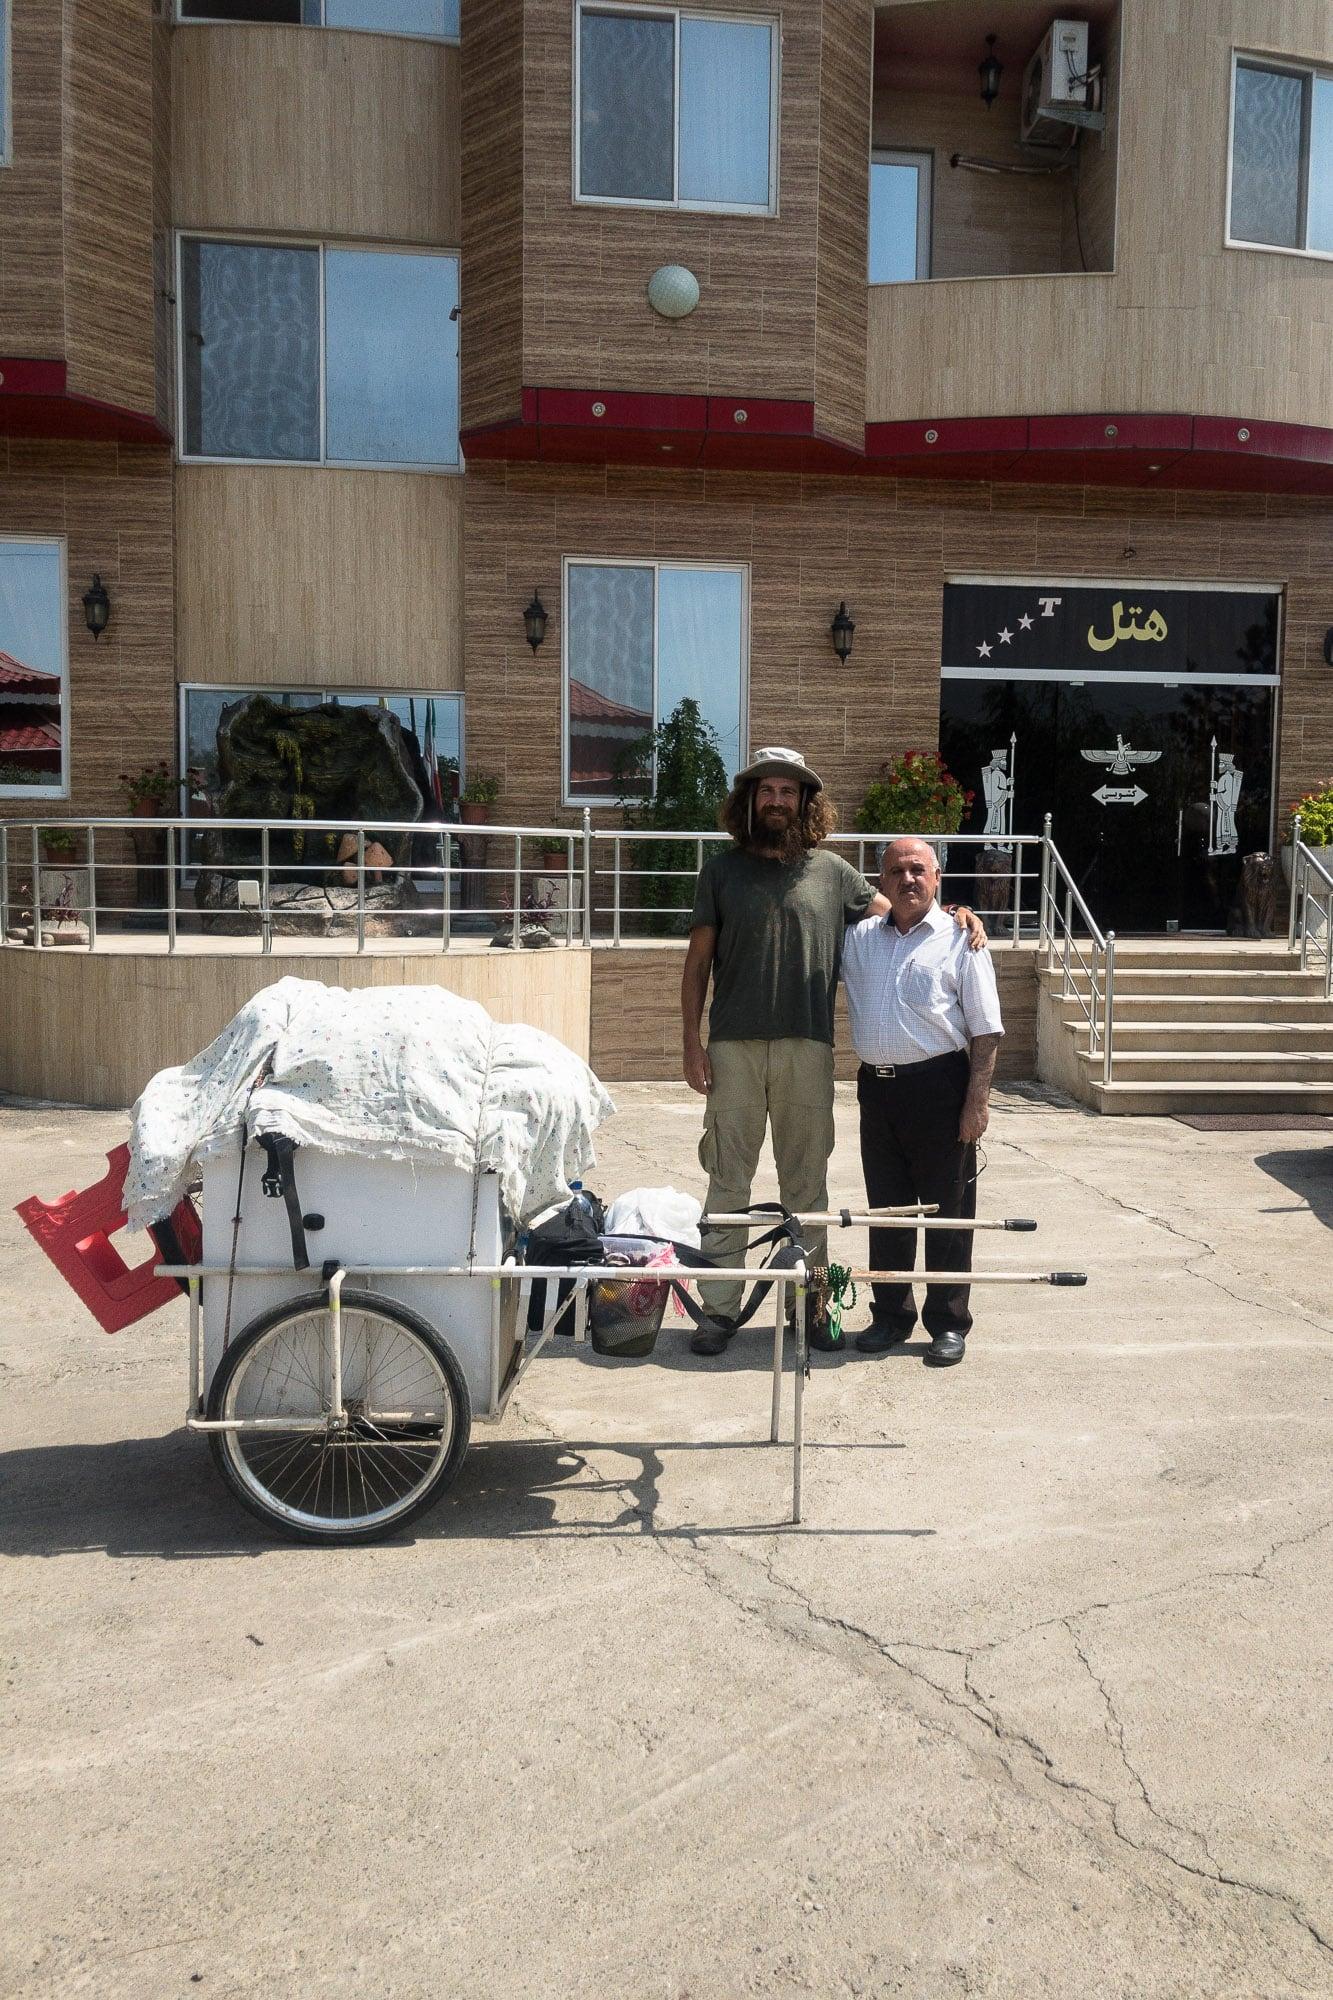 Persian hotel owner